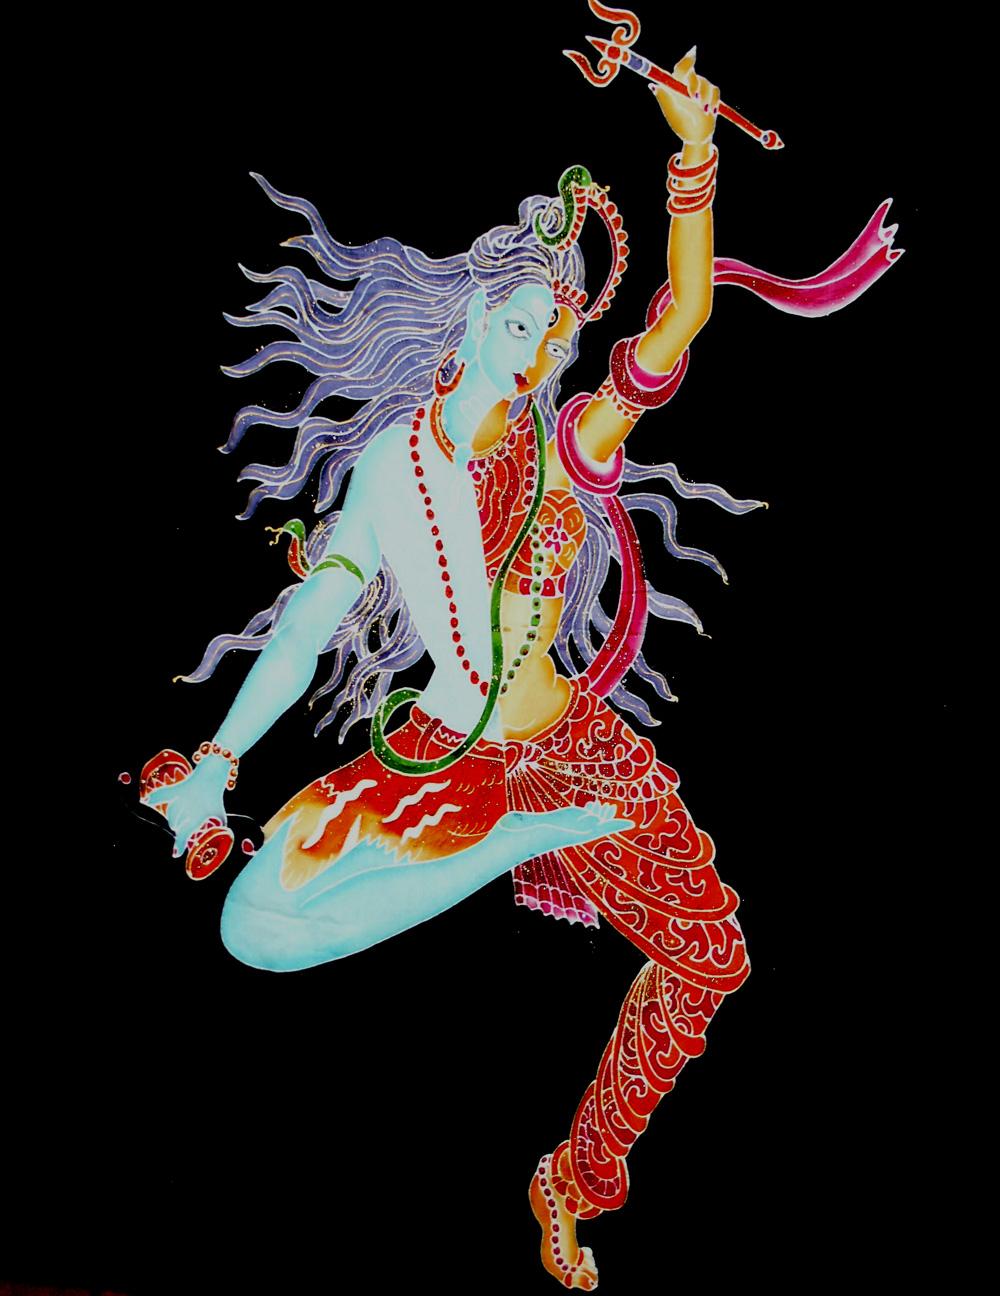 танцующий бог картинки проинформировали